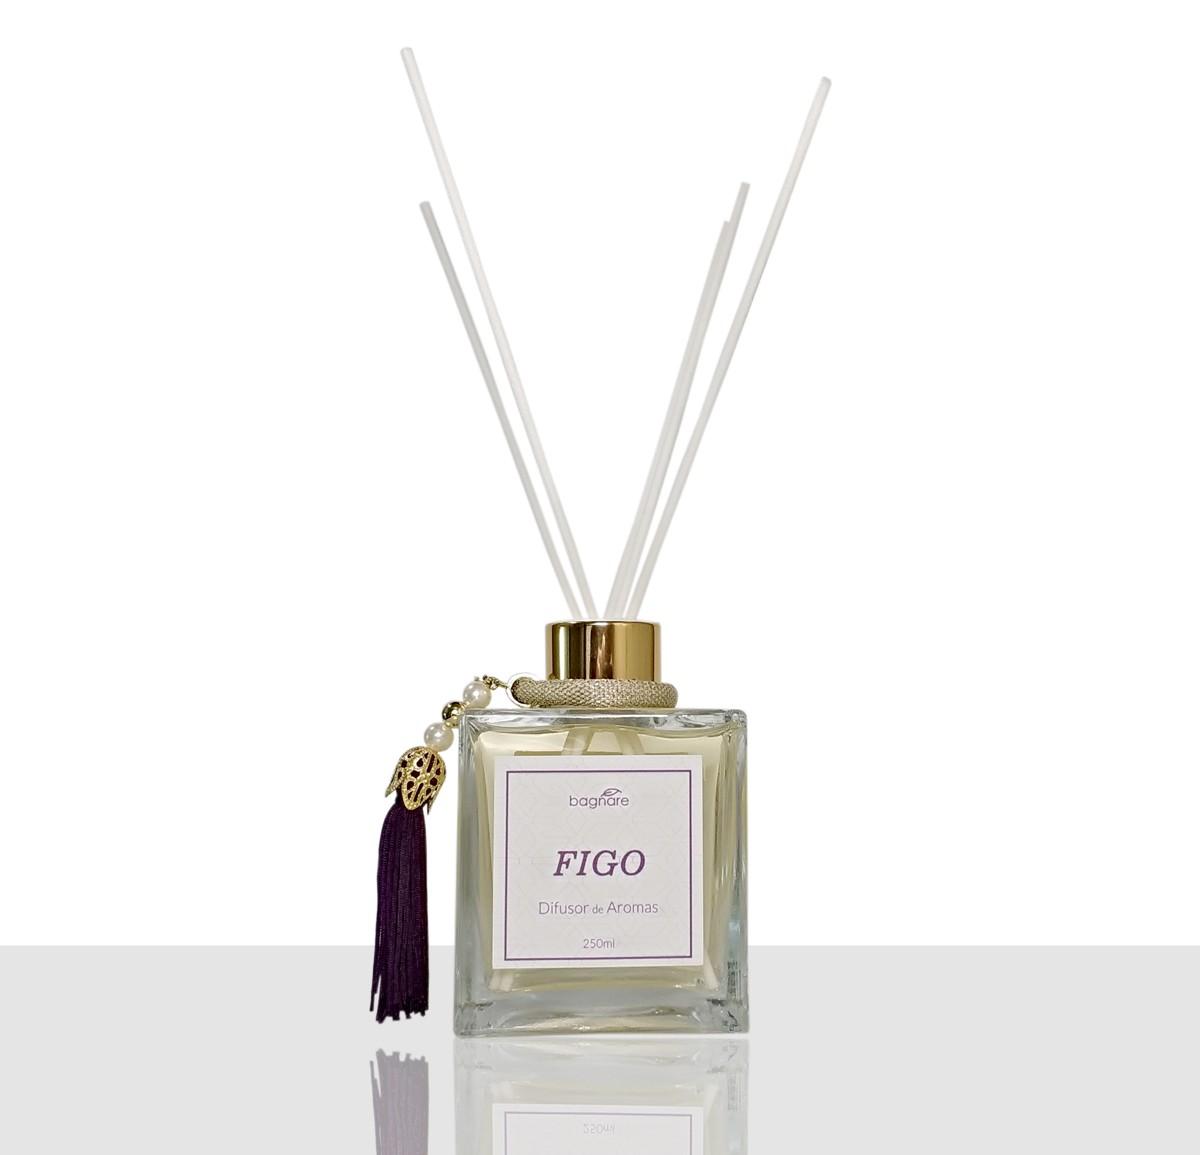 Difusor de Aromas Figo 250 ml - Bagnare